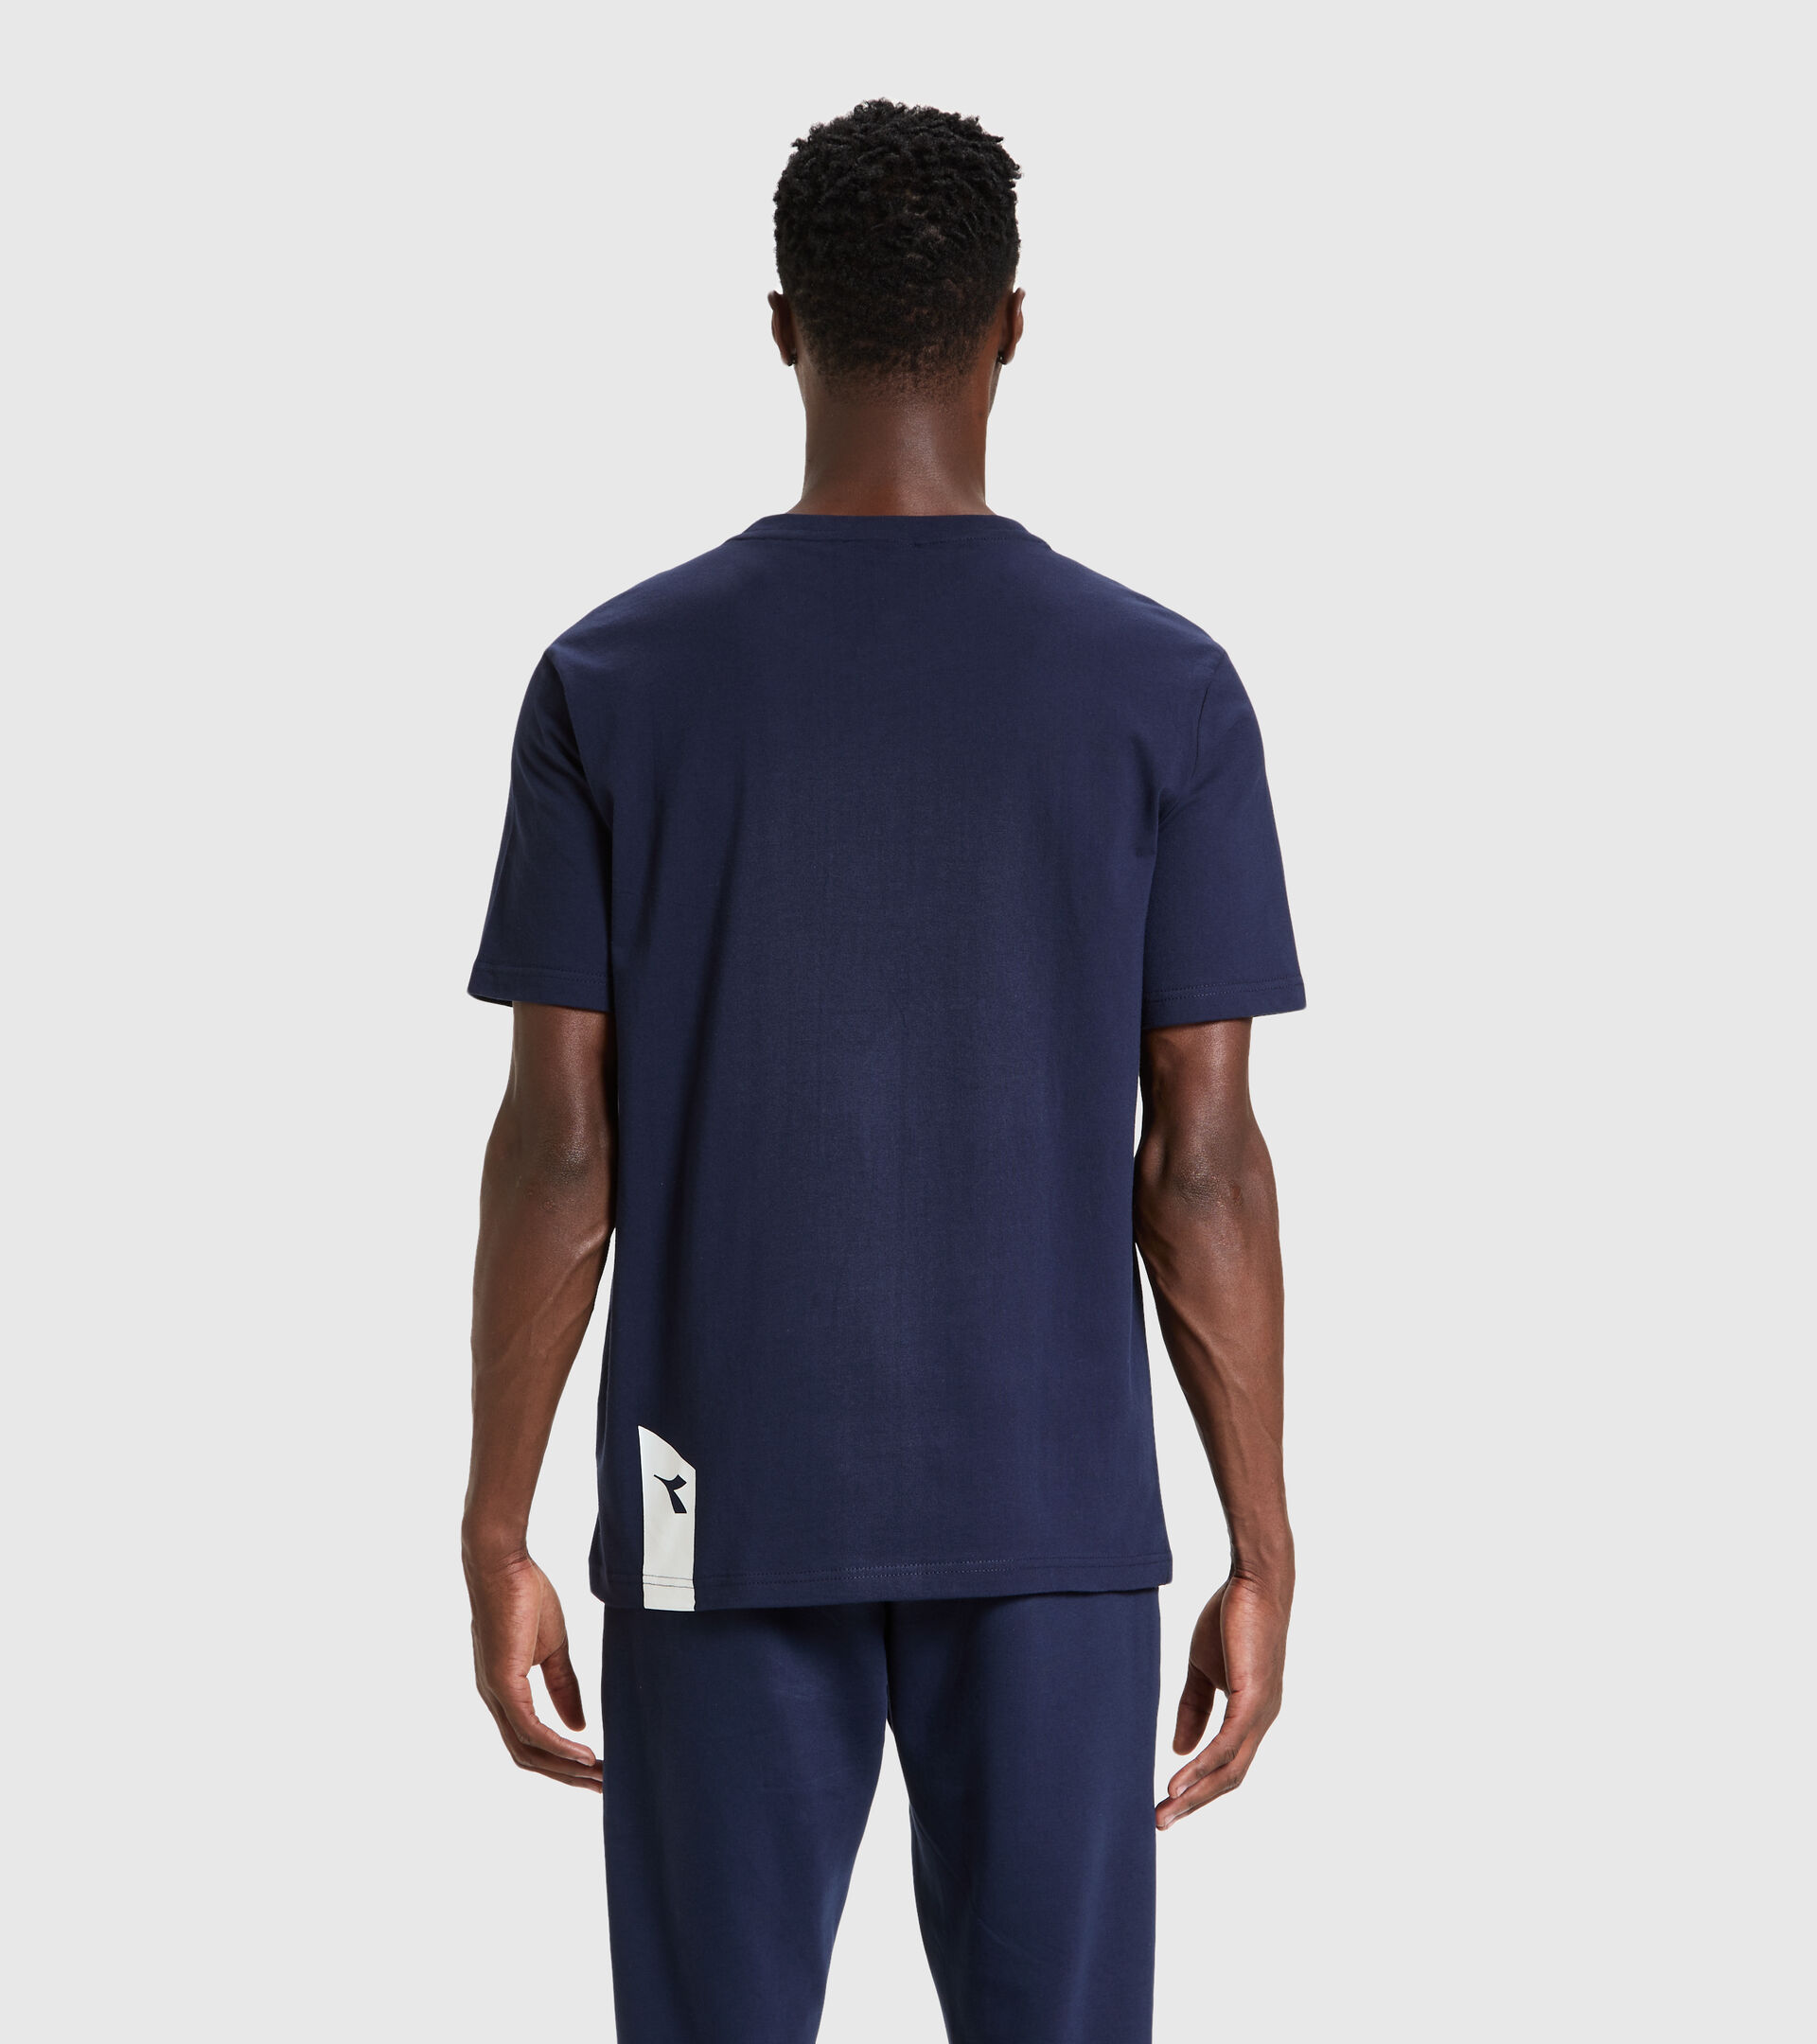 T-shirt - Unisex T-SHIRT SS ICON CABAN BLAU - Diadora